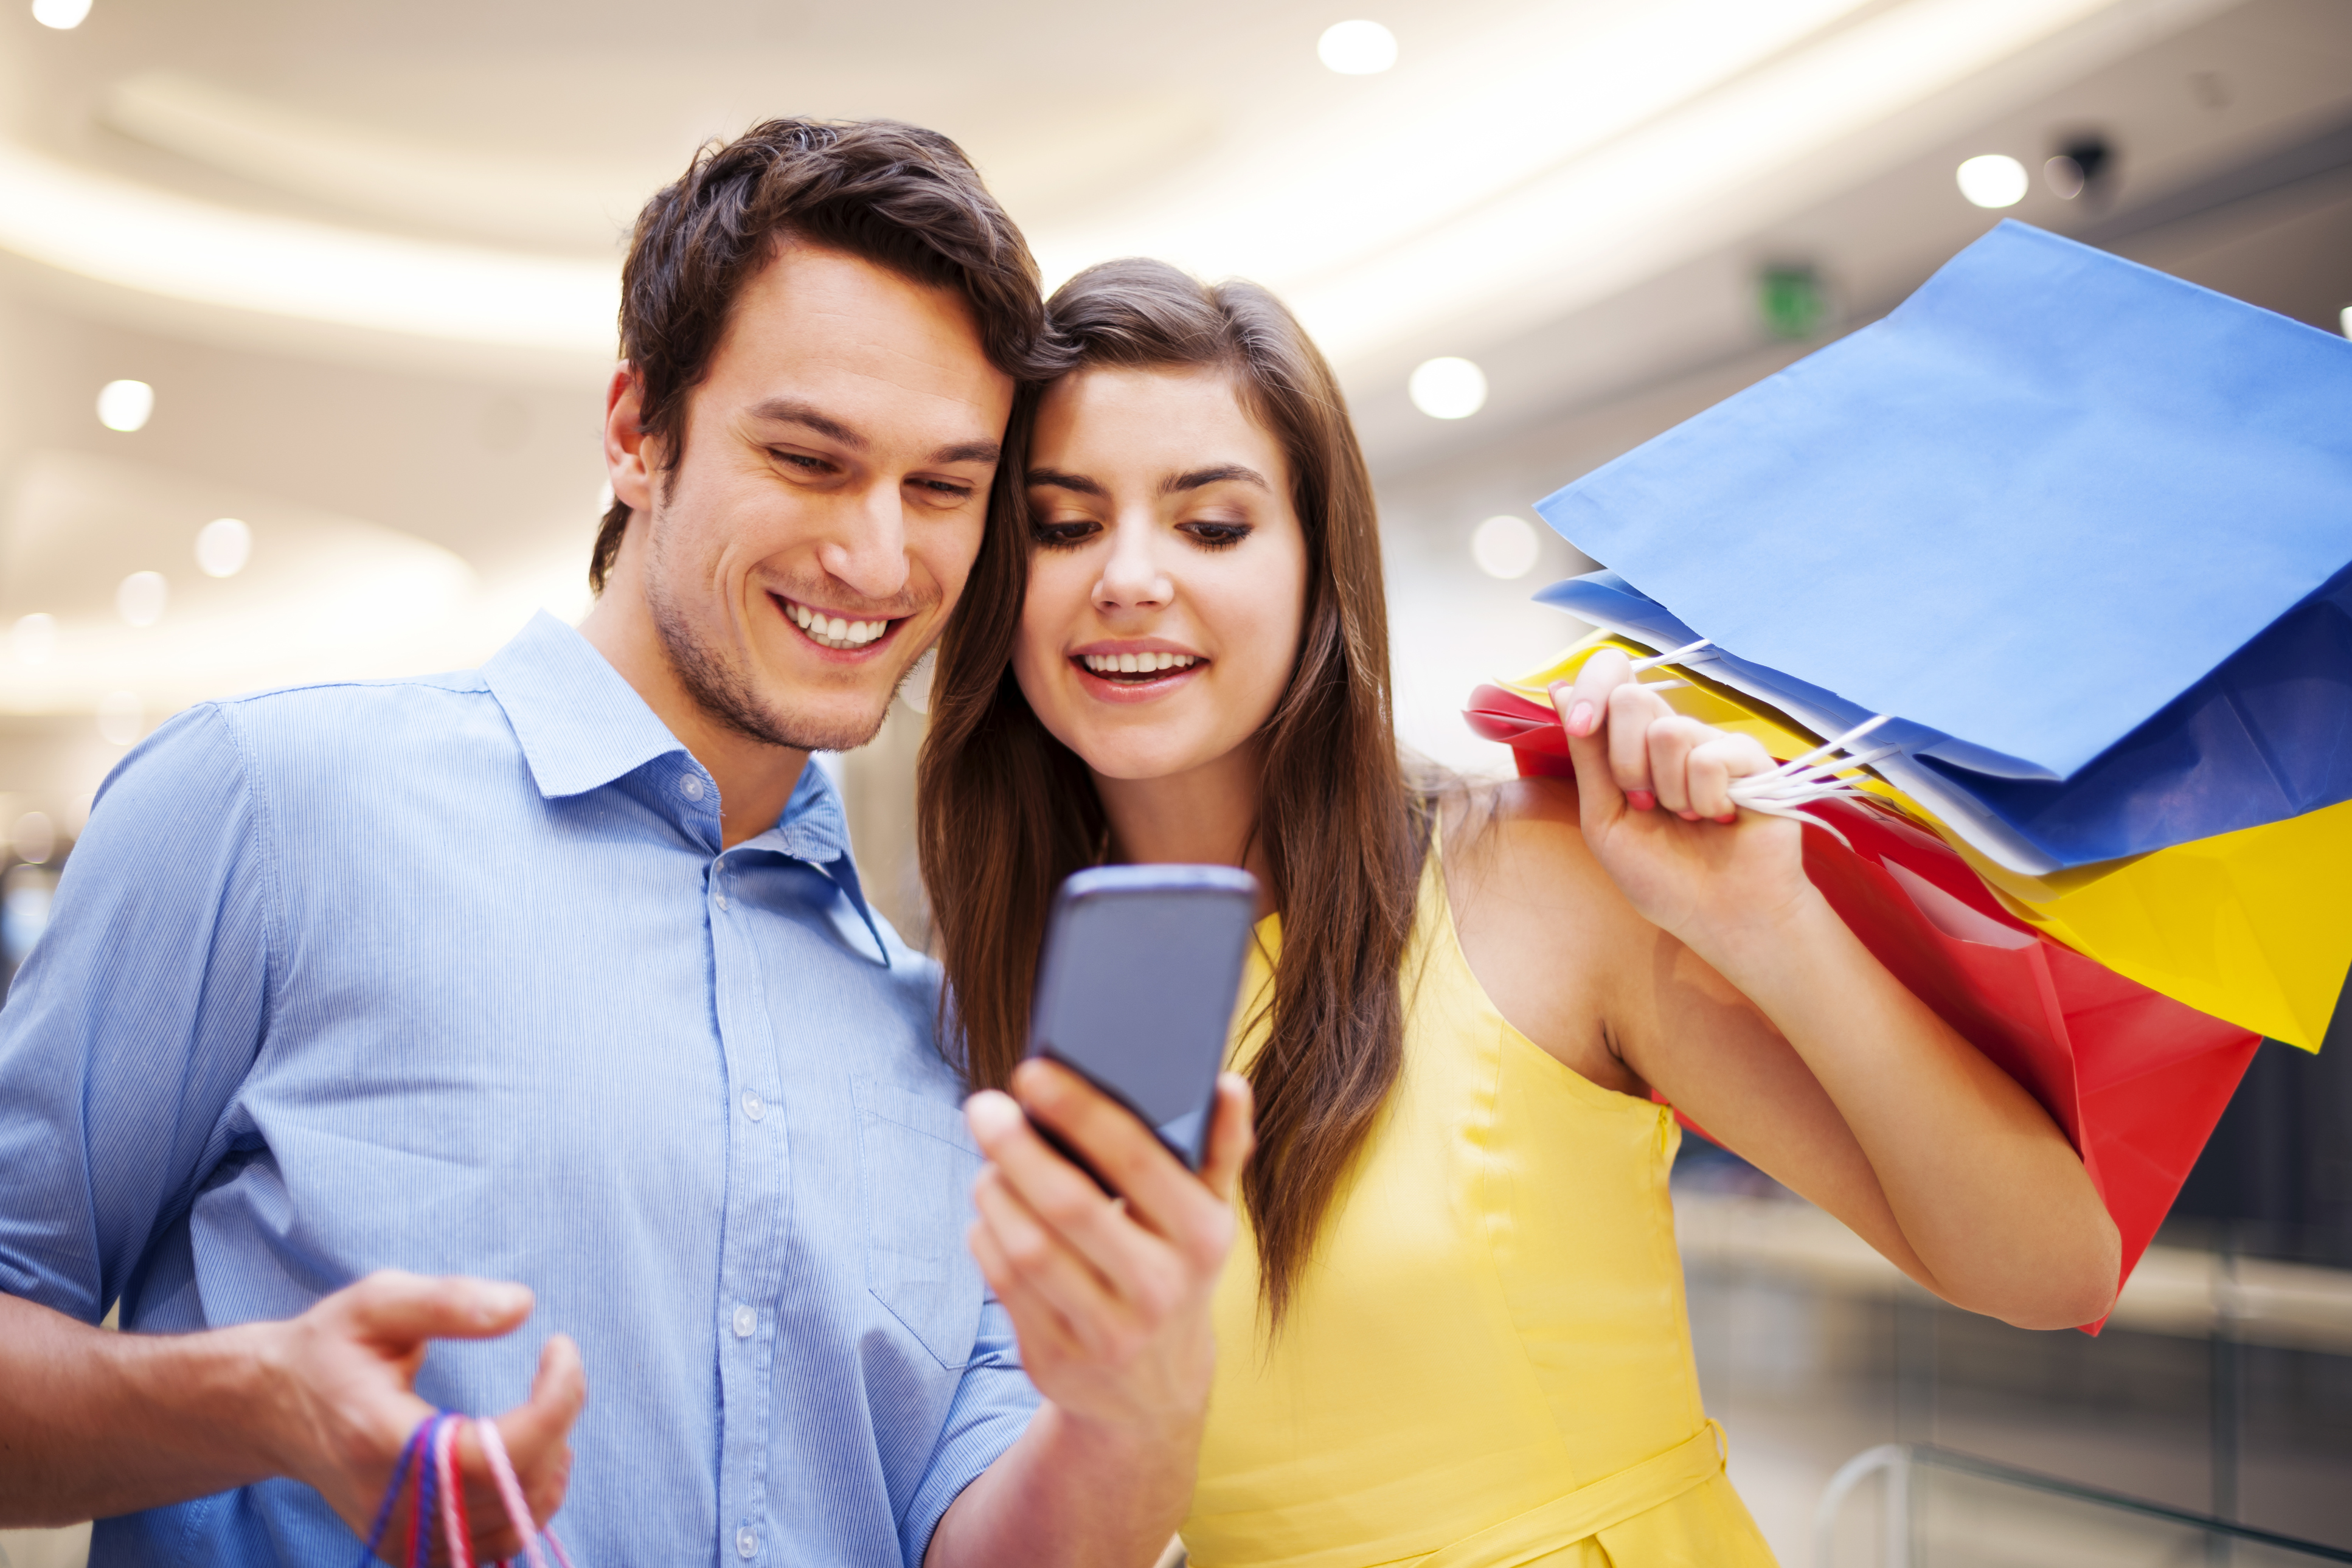 взять займ на мобильный телефон